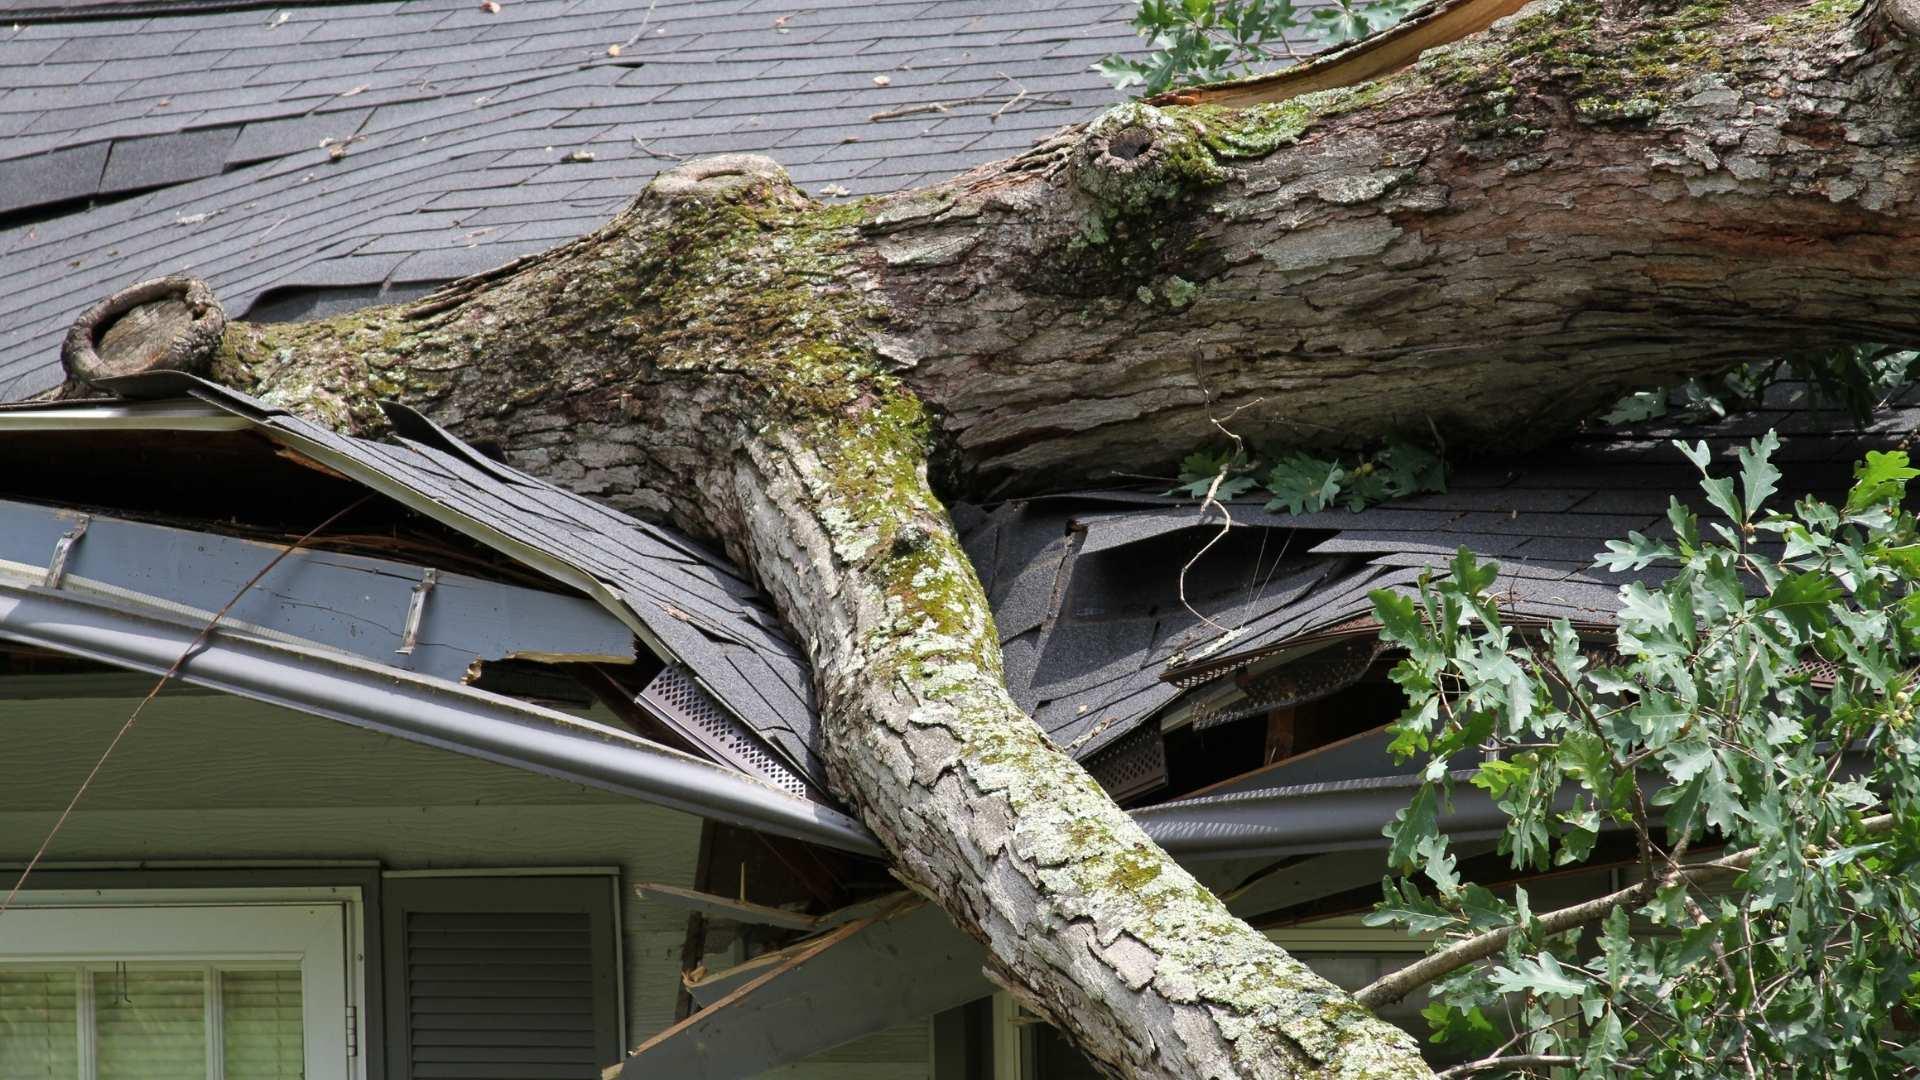 Residential Roof Repair in clayton, NC (1)